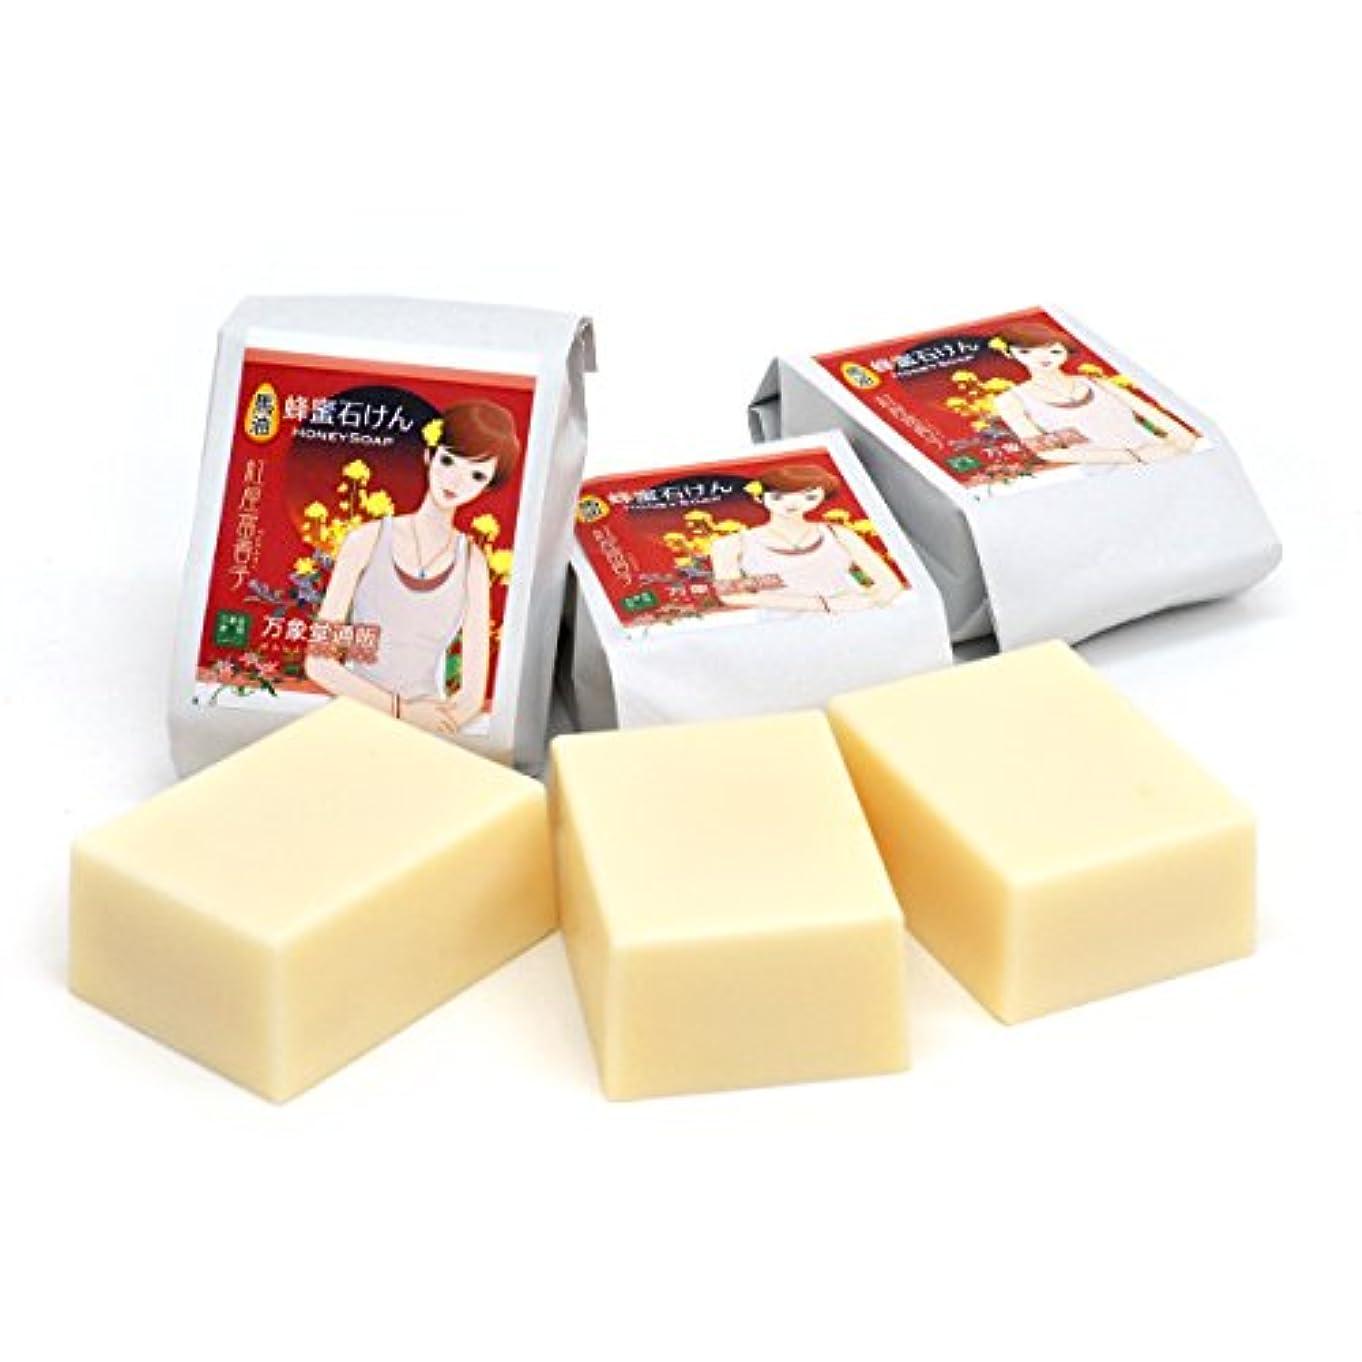 囚人安西男森羅万象堂 馬油石鹸 90g×3個 (国産)熊本県産 国産蜂蜜配合